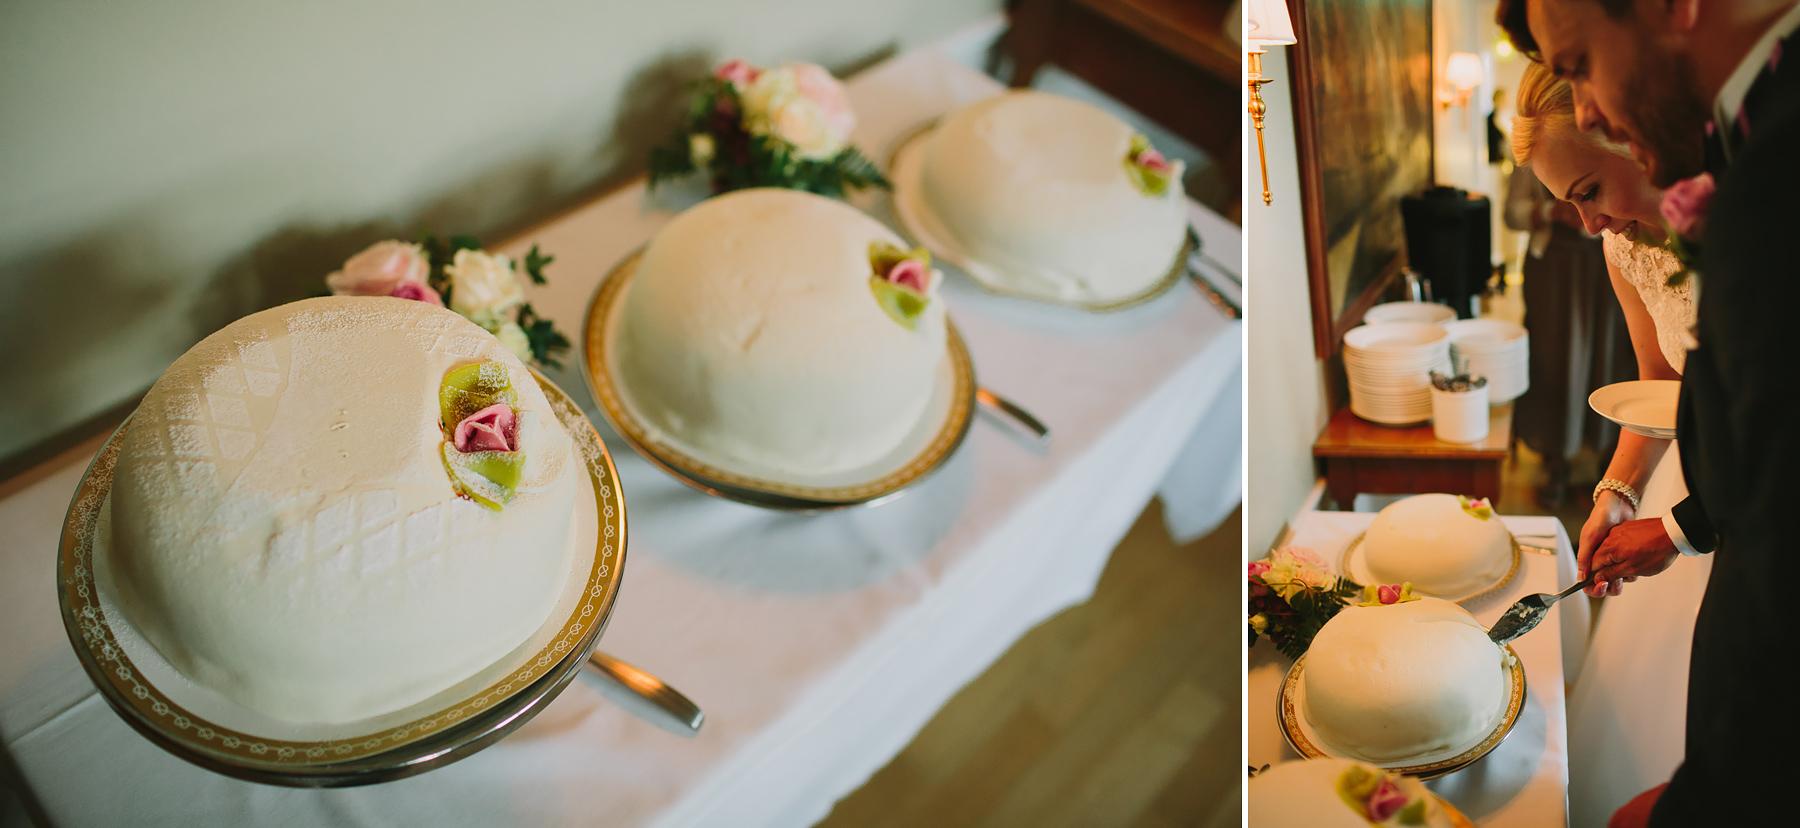 Bröllopstårta med rosa rosor i marsipan